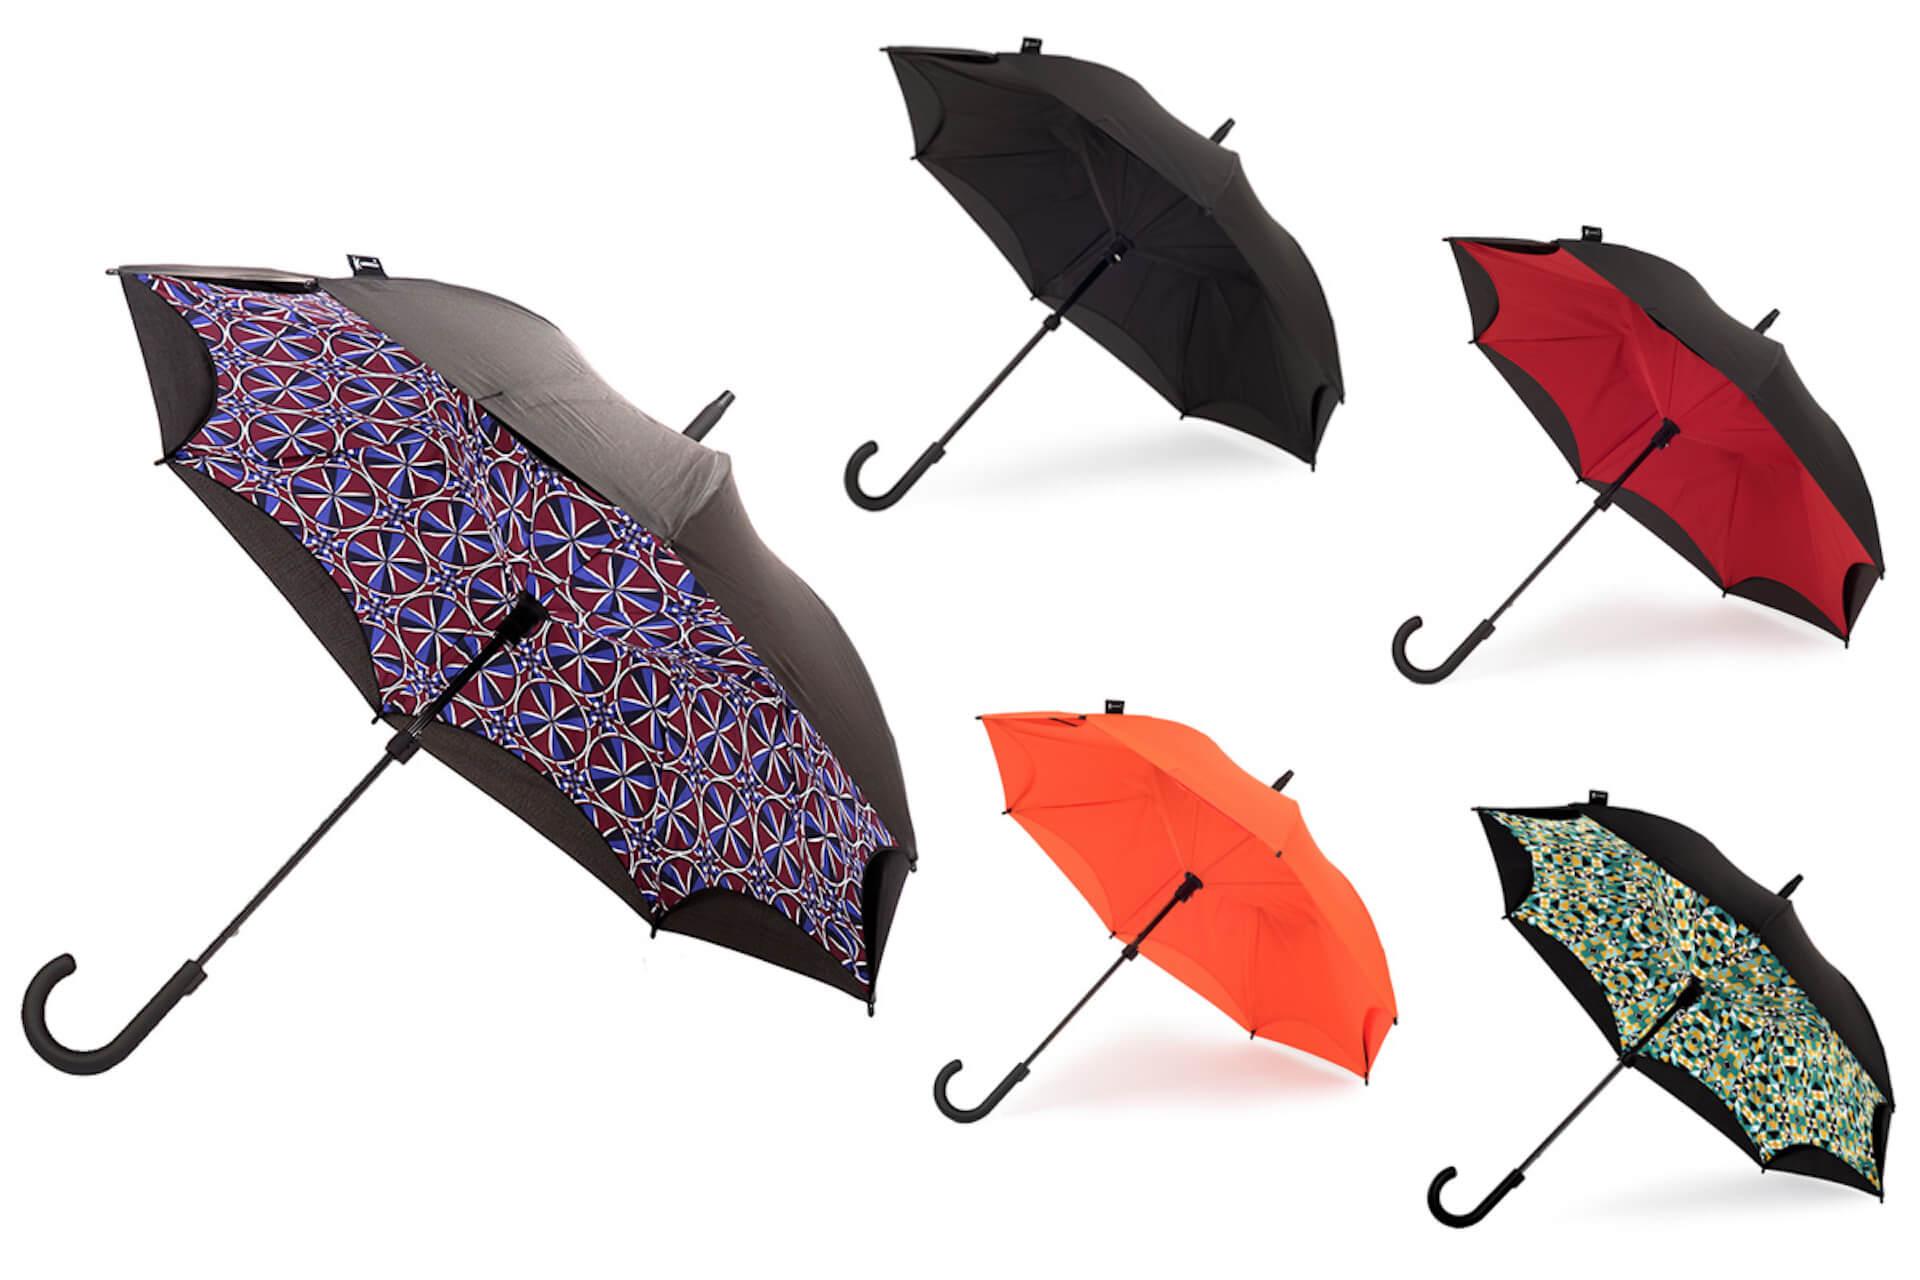 【レイングッズ特集2020】梅雨の時期も快適&おしゃれに乗り切る!高機能な防水アイテム15選 life200723_jeep_rainitem_3